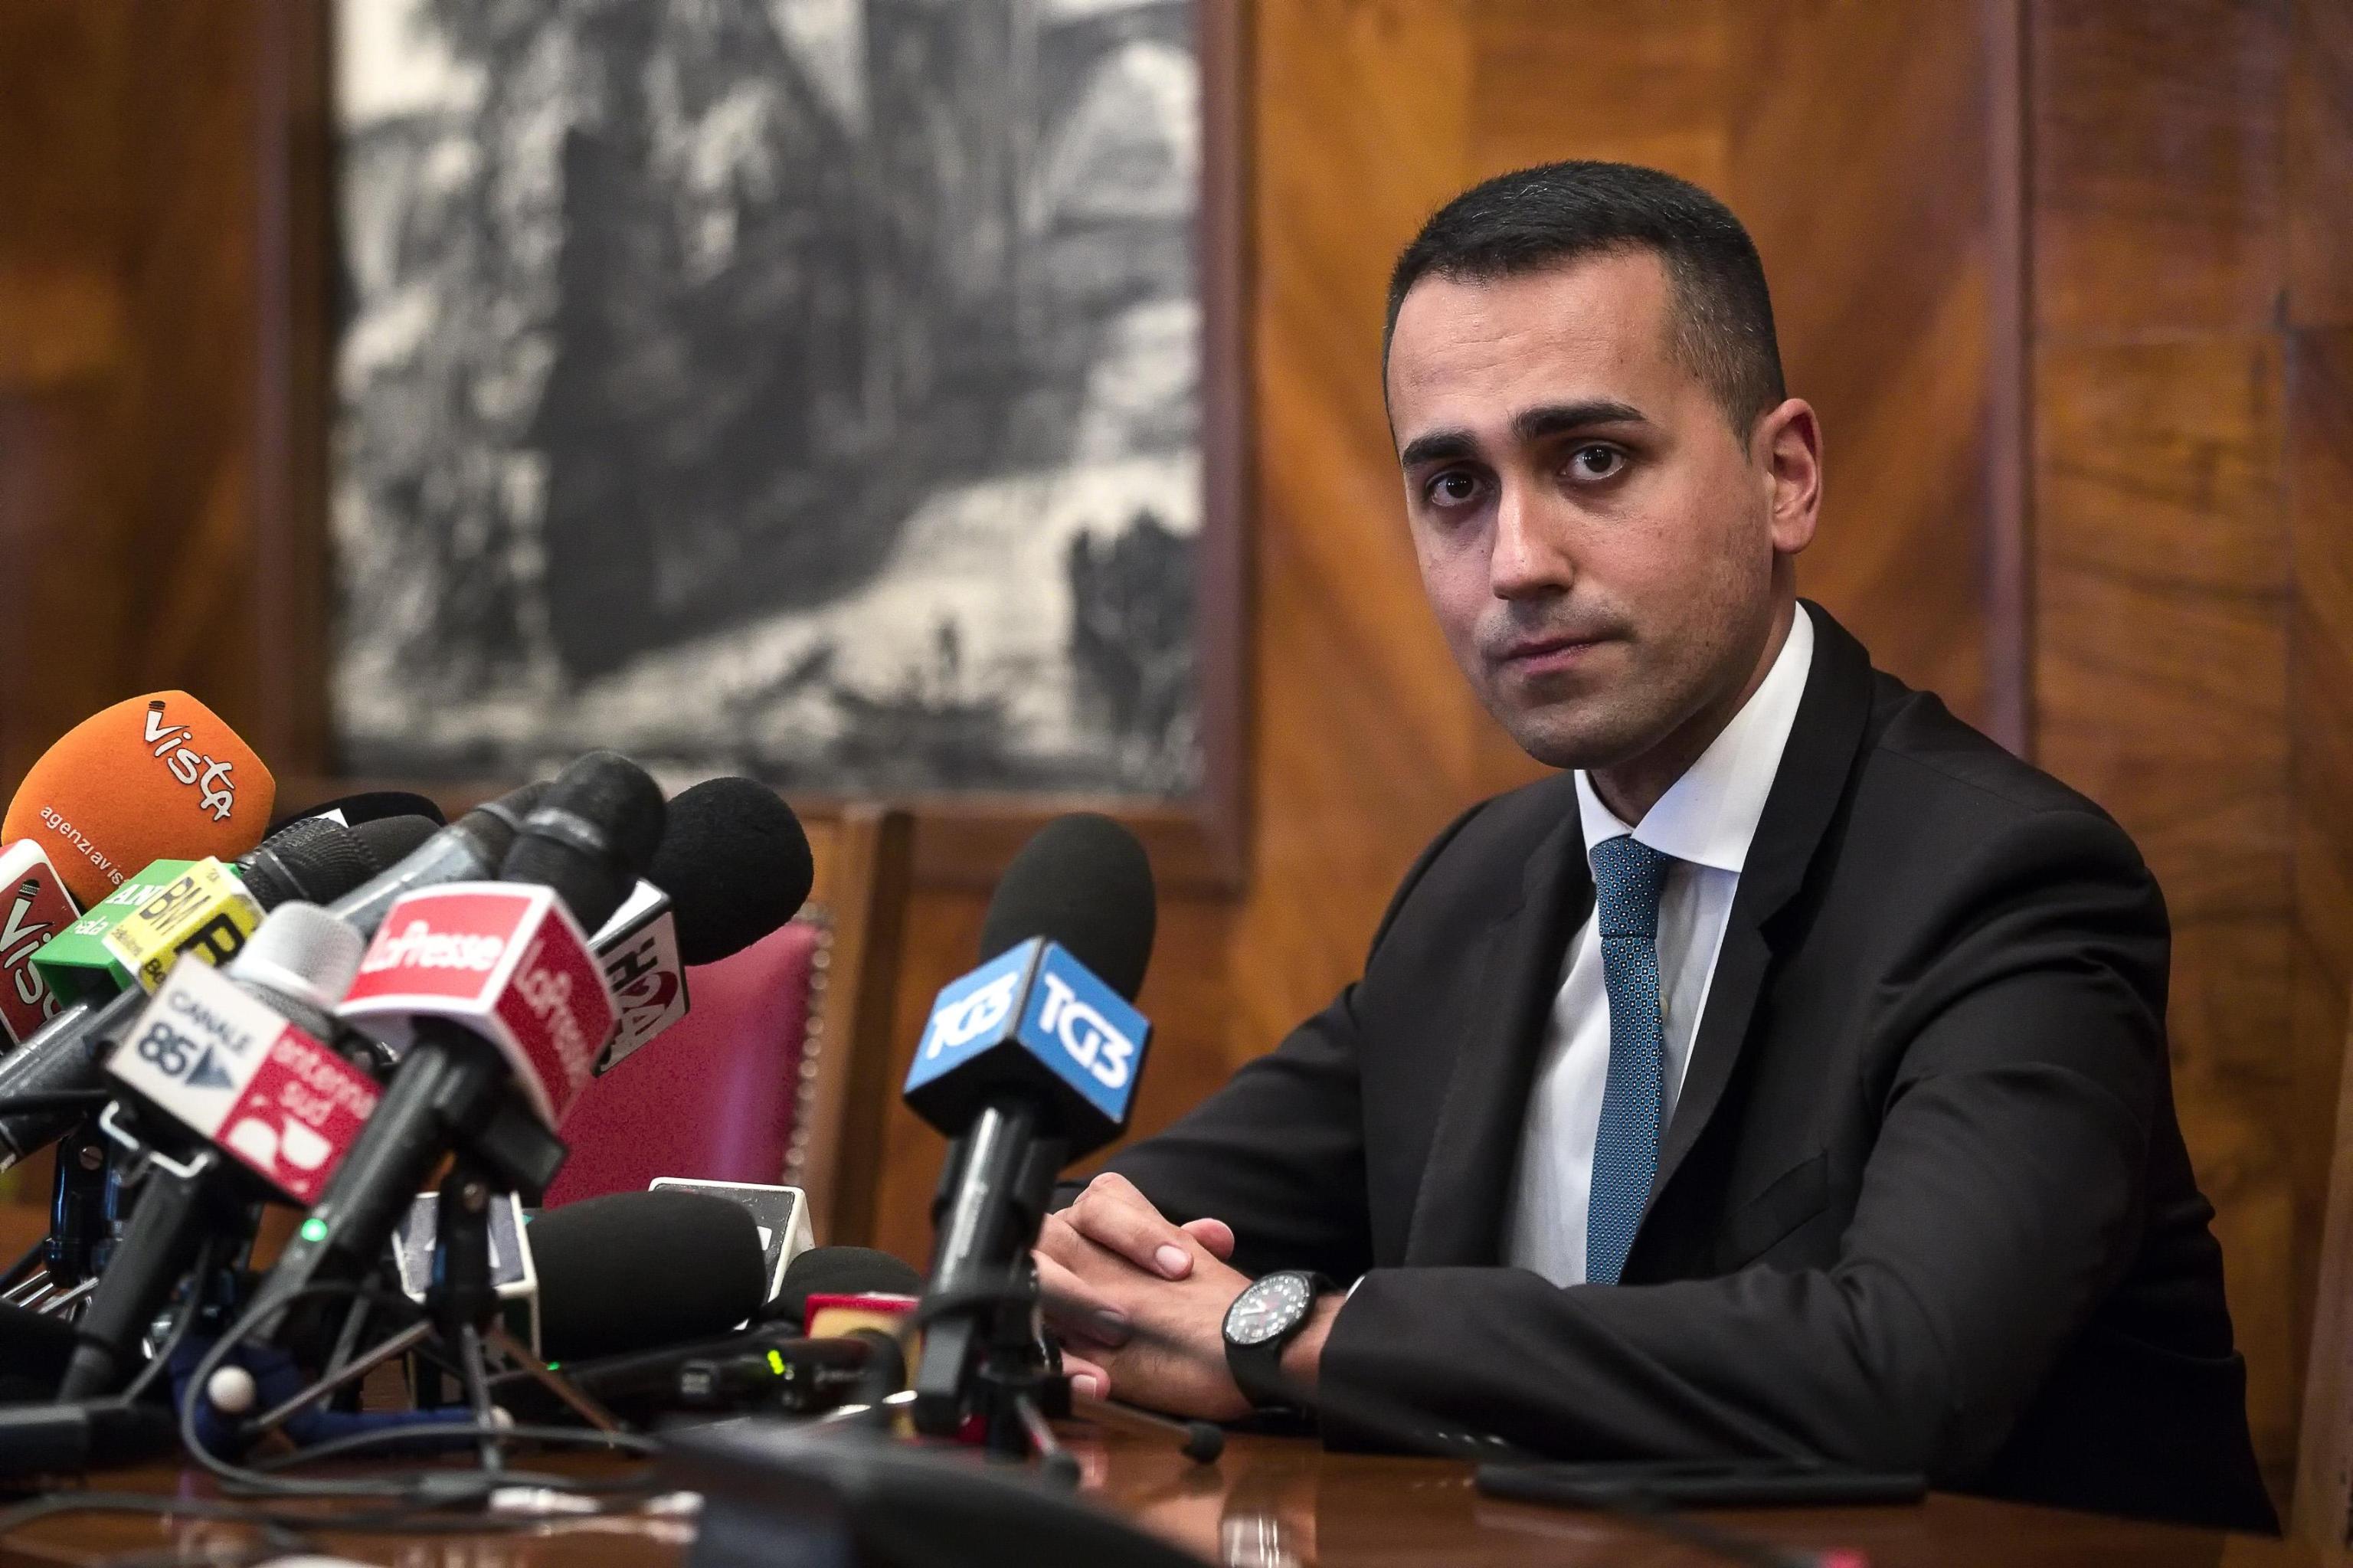 Di Maio sulla scorta: 'Ne voglio due di Pomigliano', ma arriva la smentita